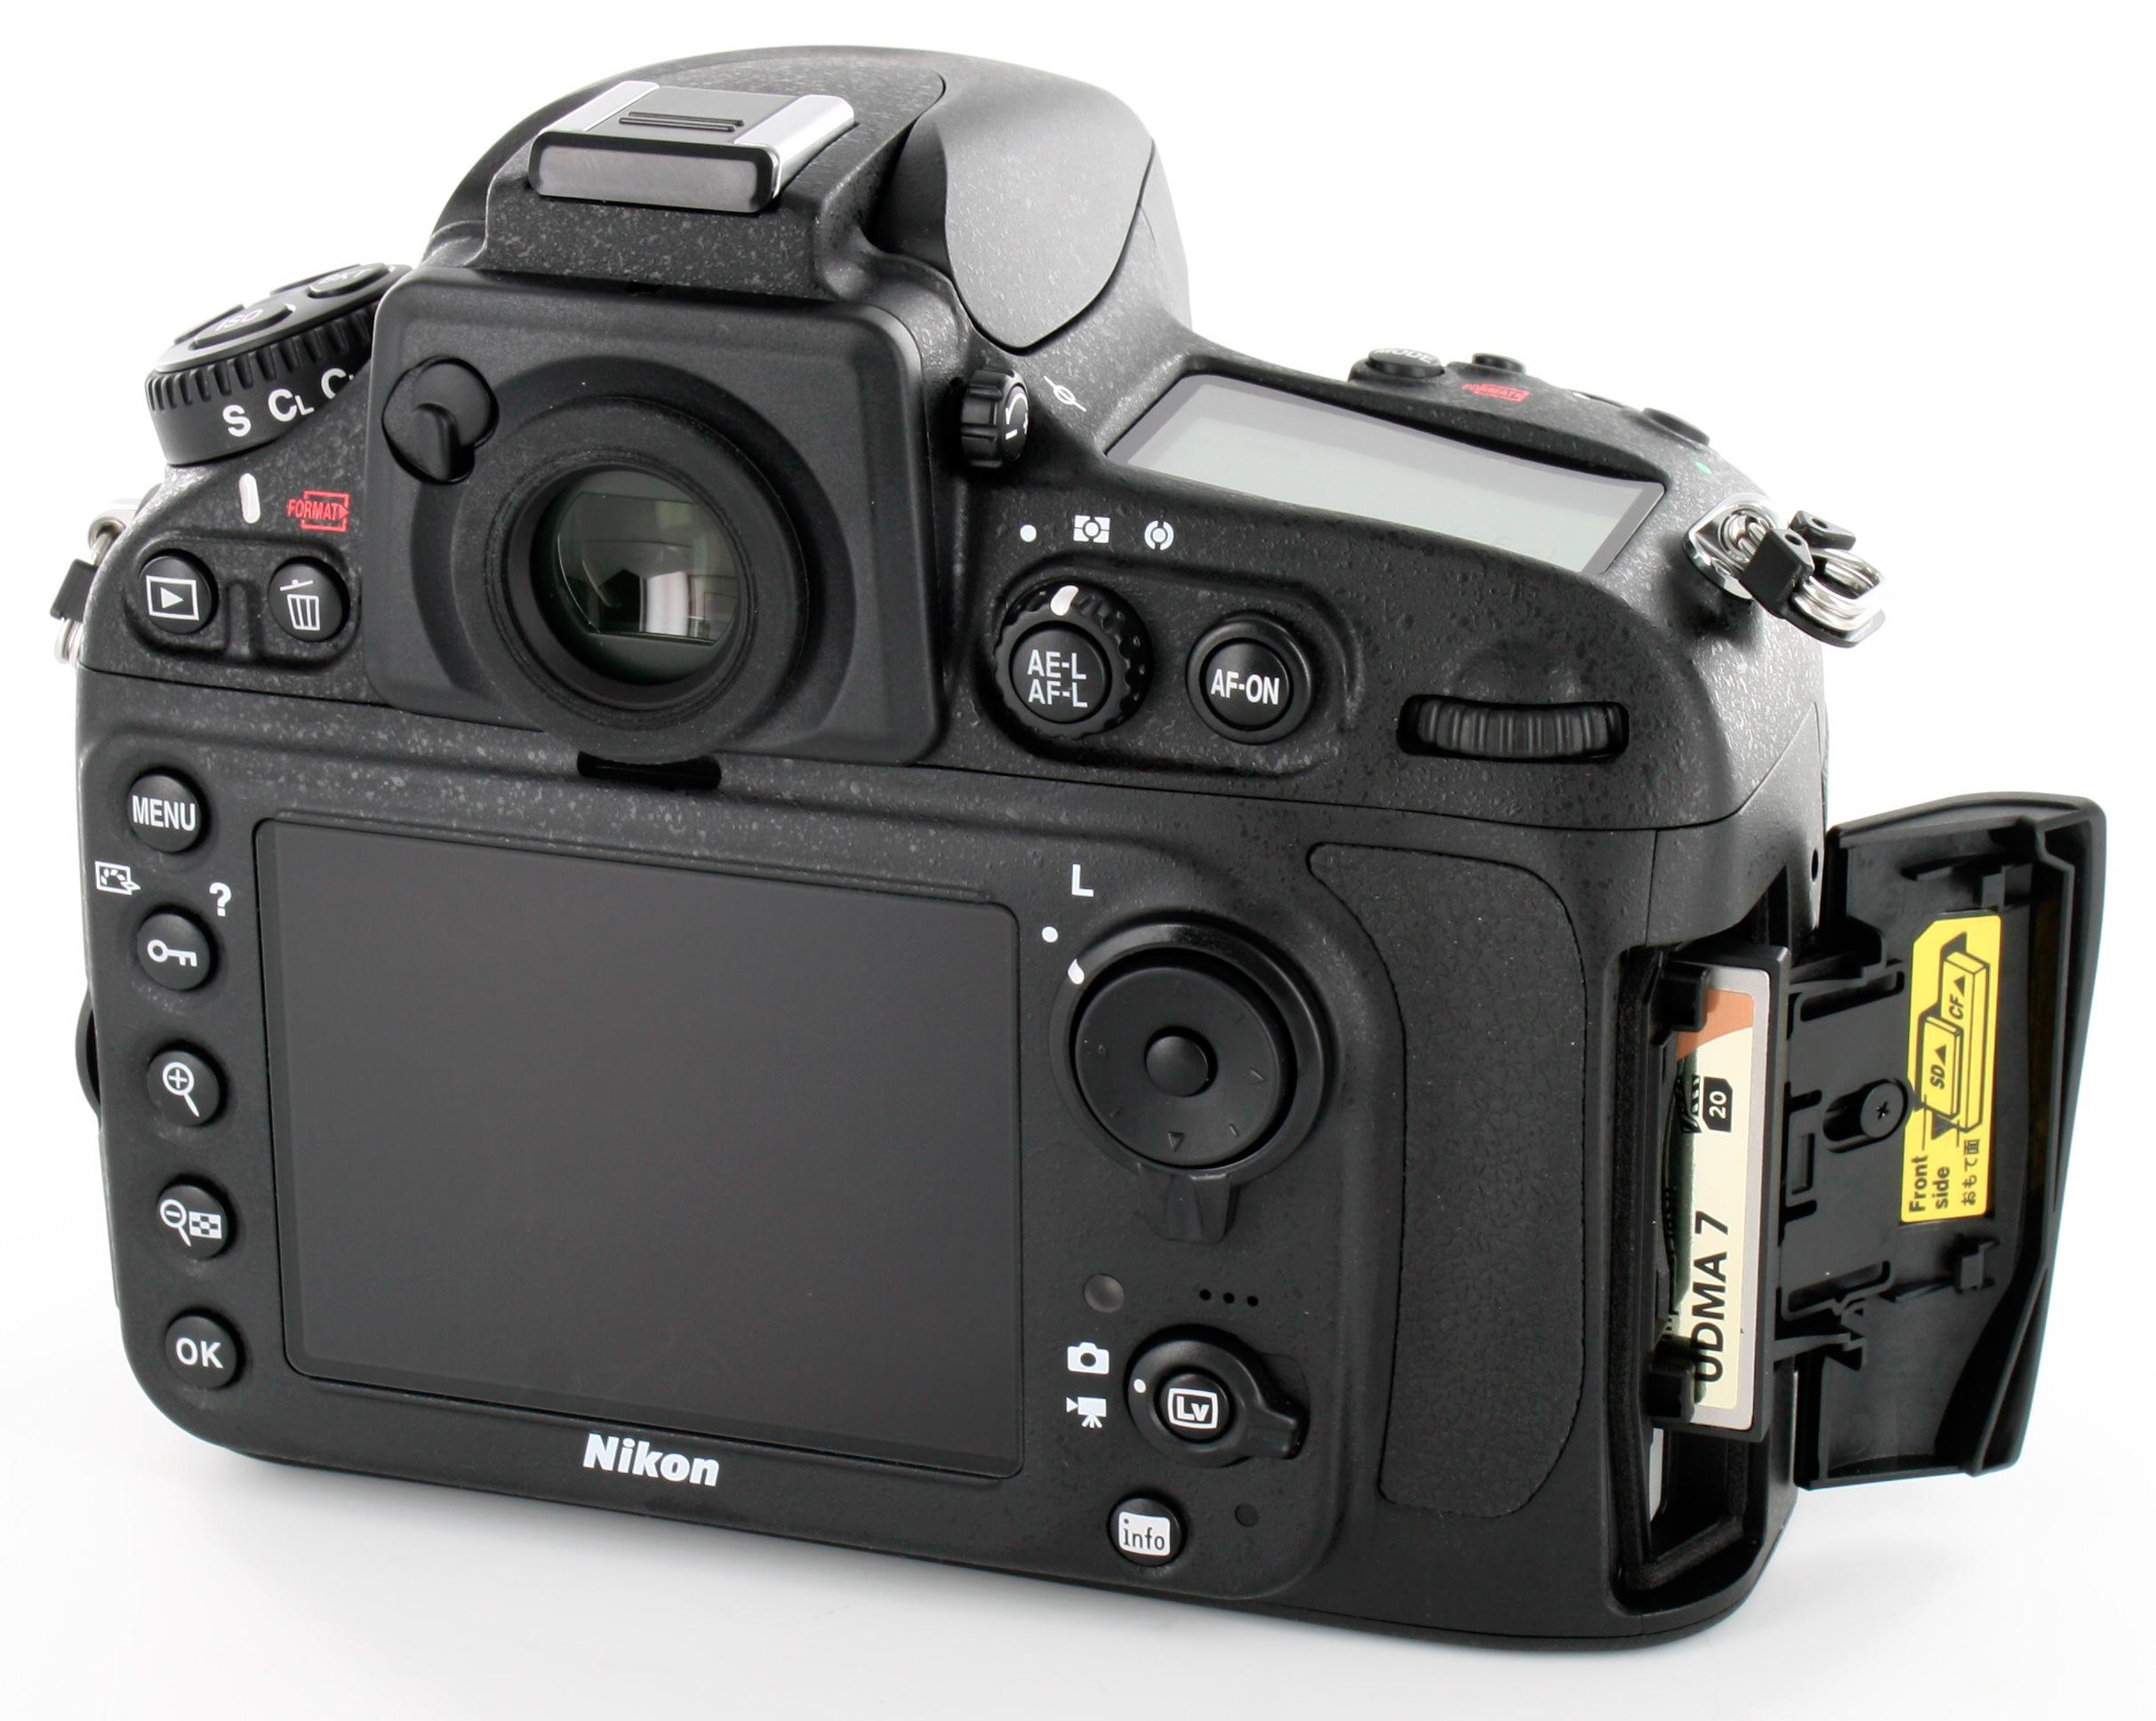 Nikon d800 инструкция скачать бесплатно